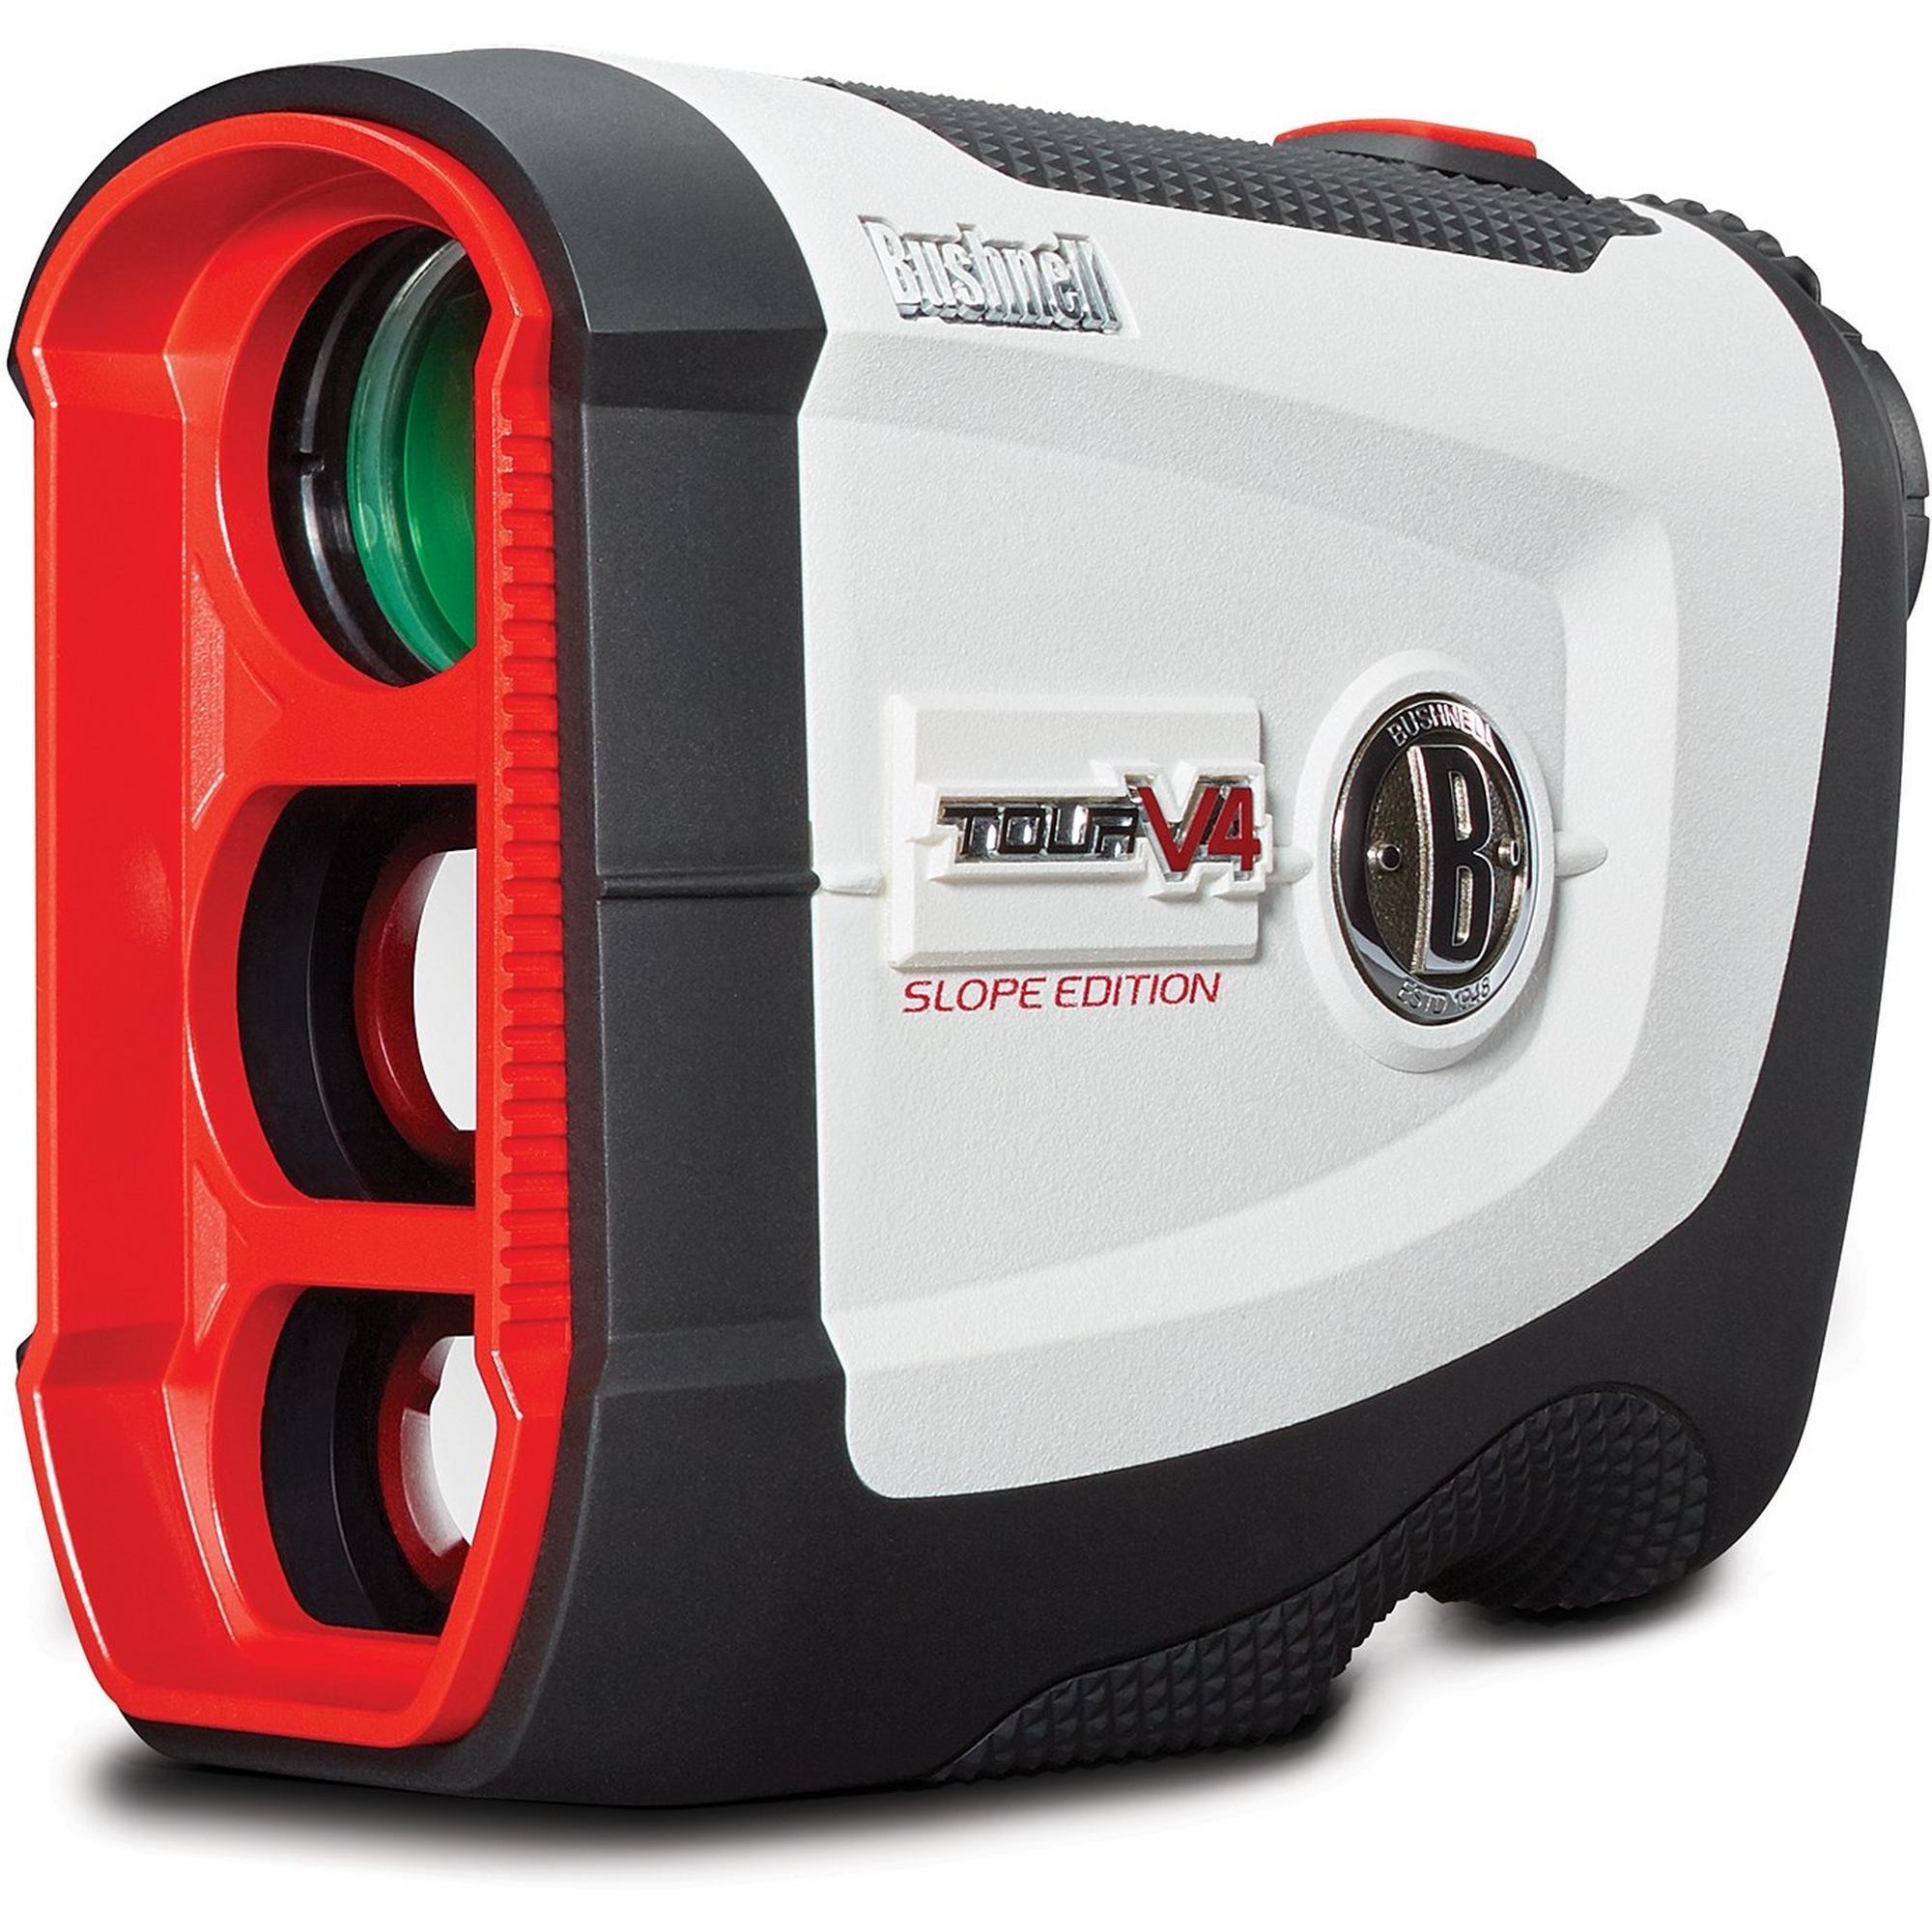 Tour V4 Shift Rangefinder